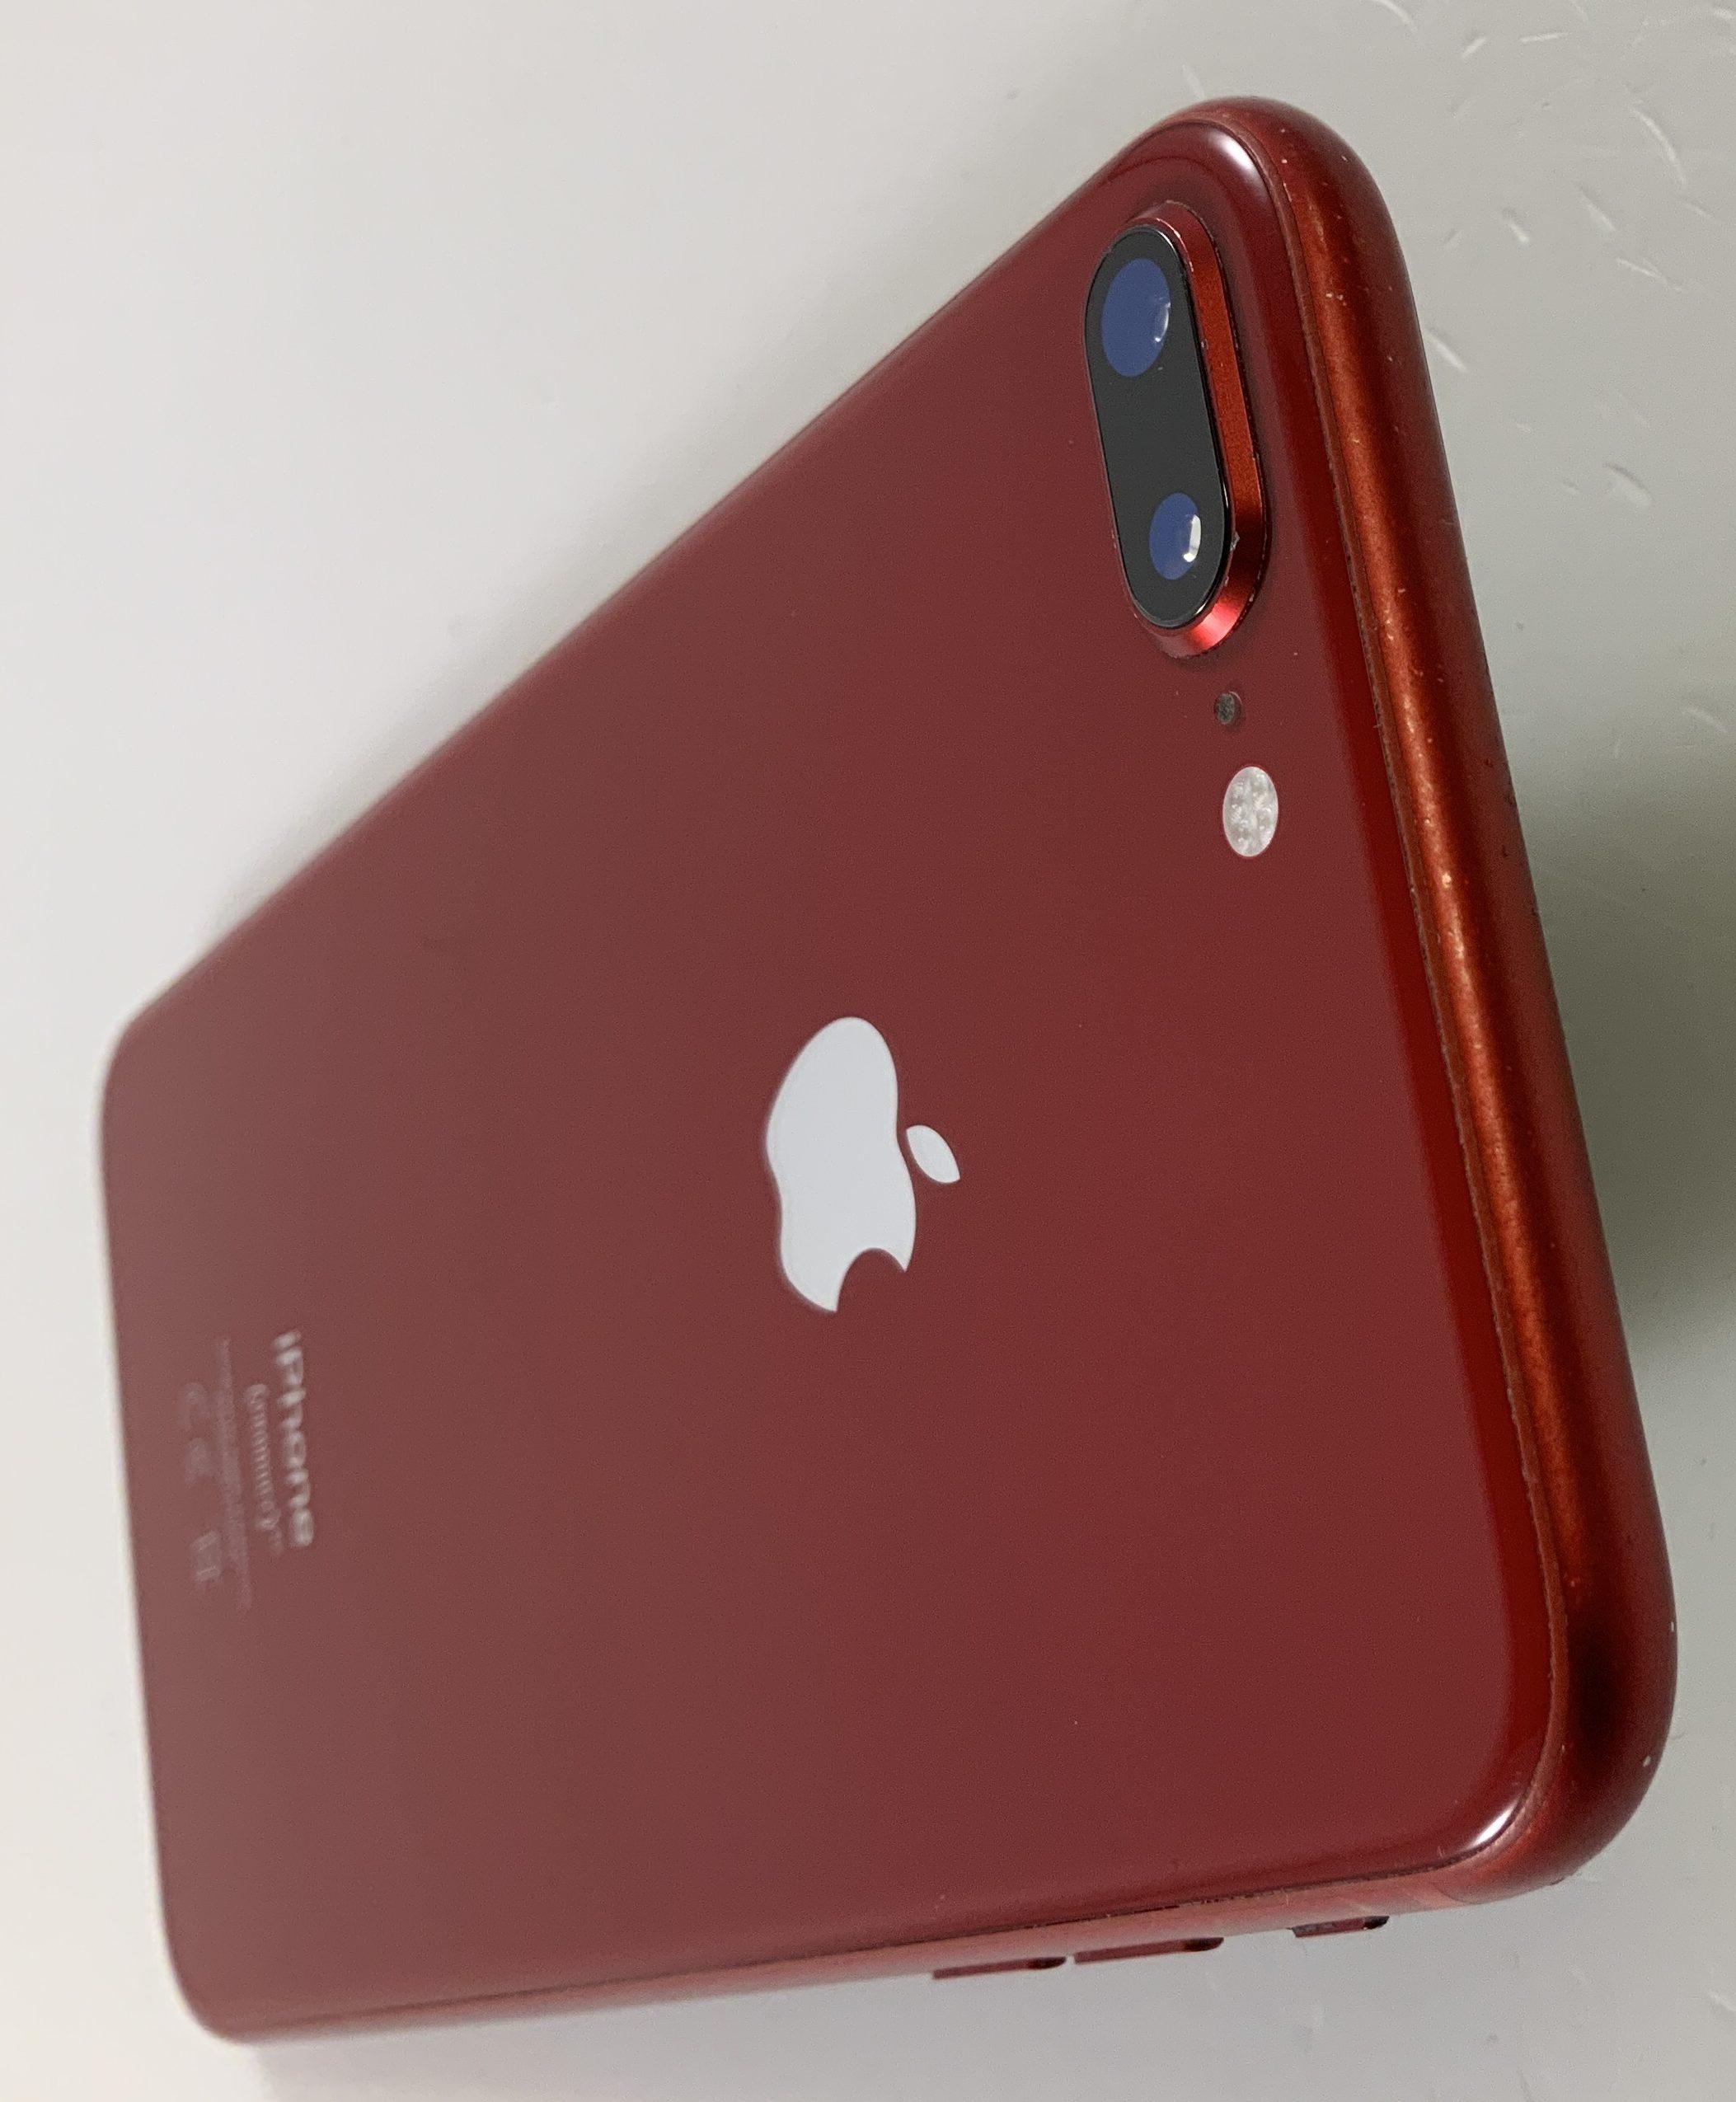 iPhone 8 Plus 64GB, 64GB, Red, bild 4